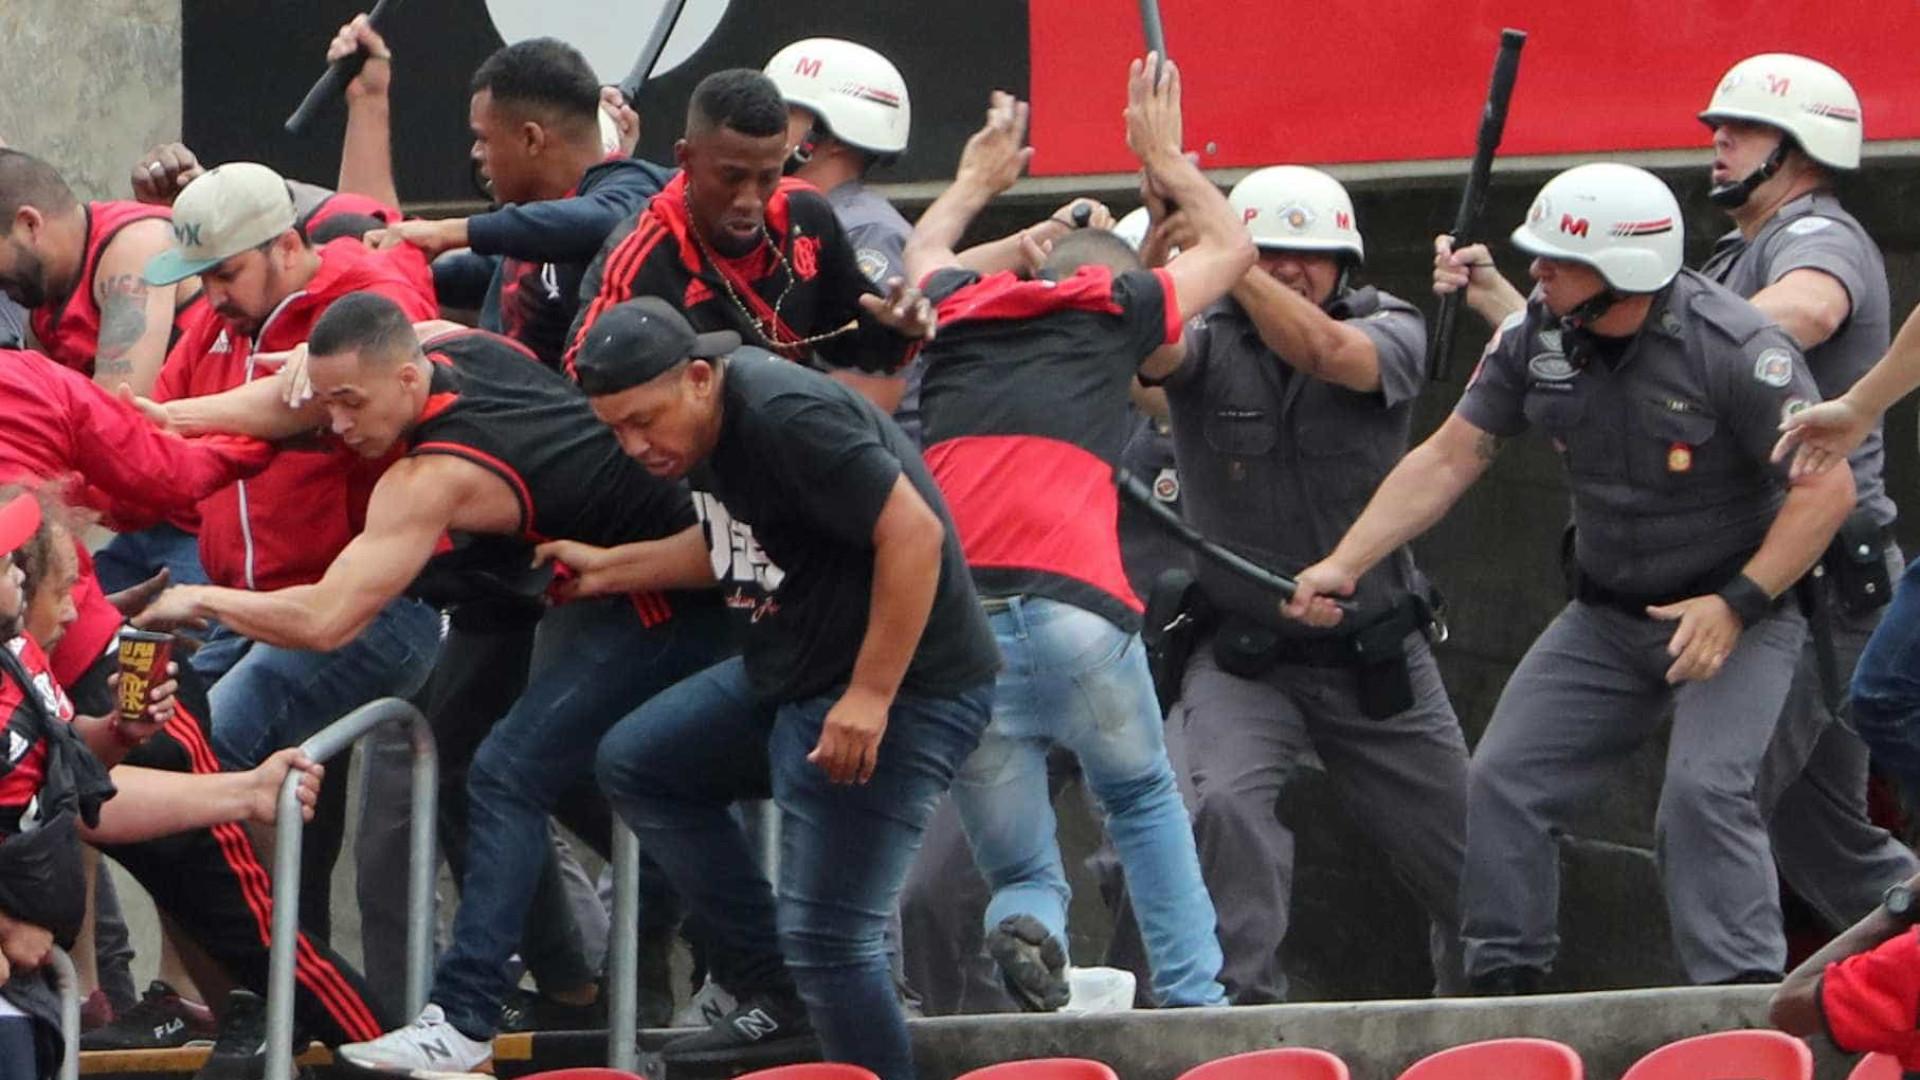 Torcedores do Flamengo brigam entre si durante jogo contra o São Paulo